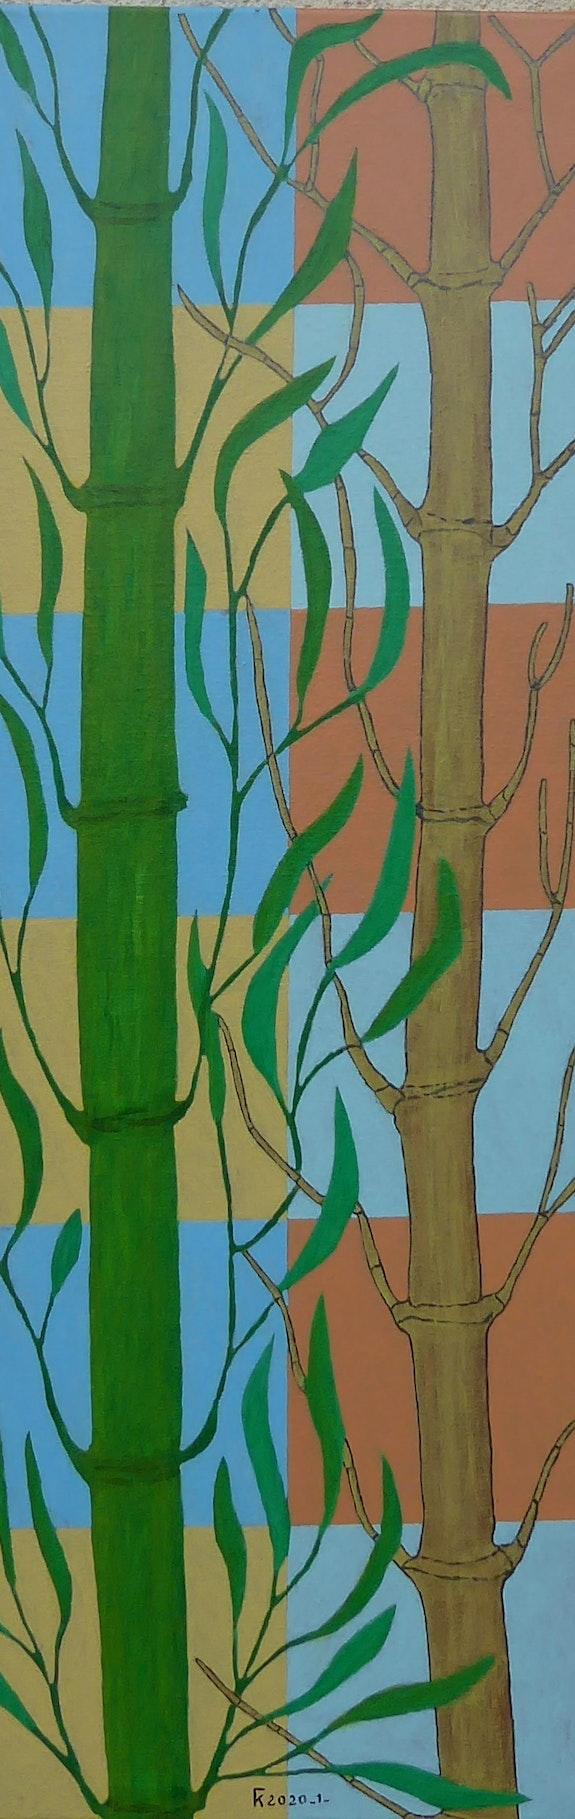 La bambous là. Fk Fk